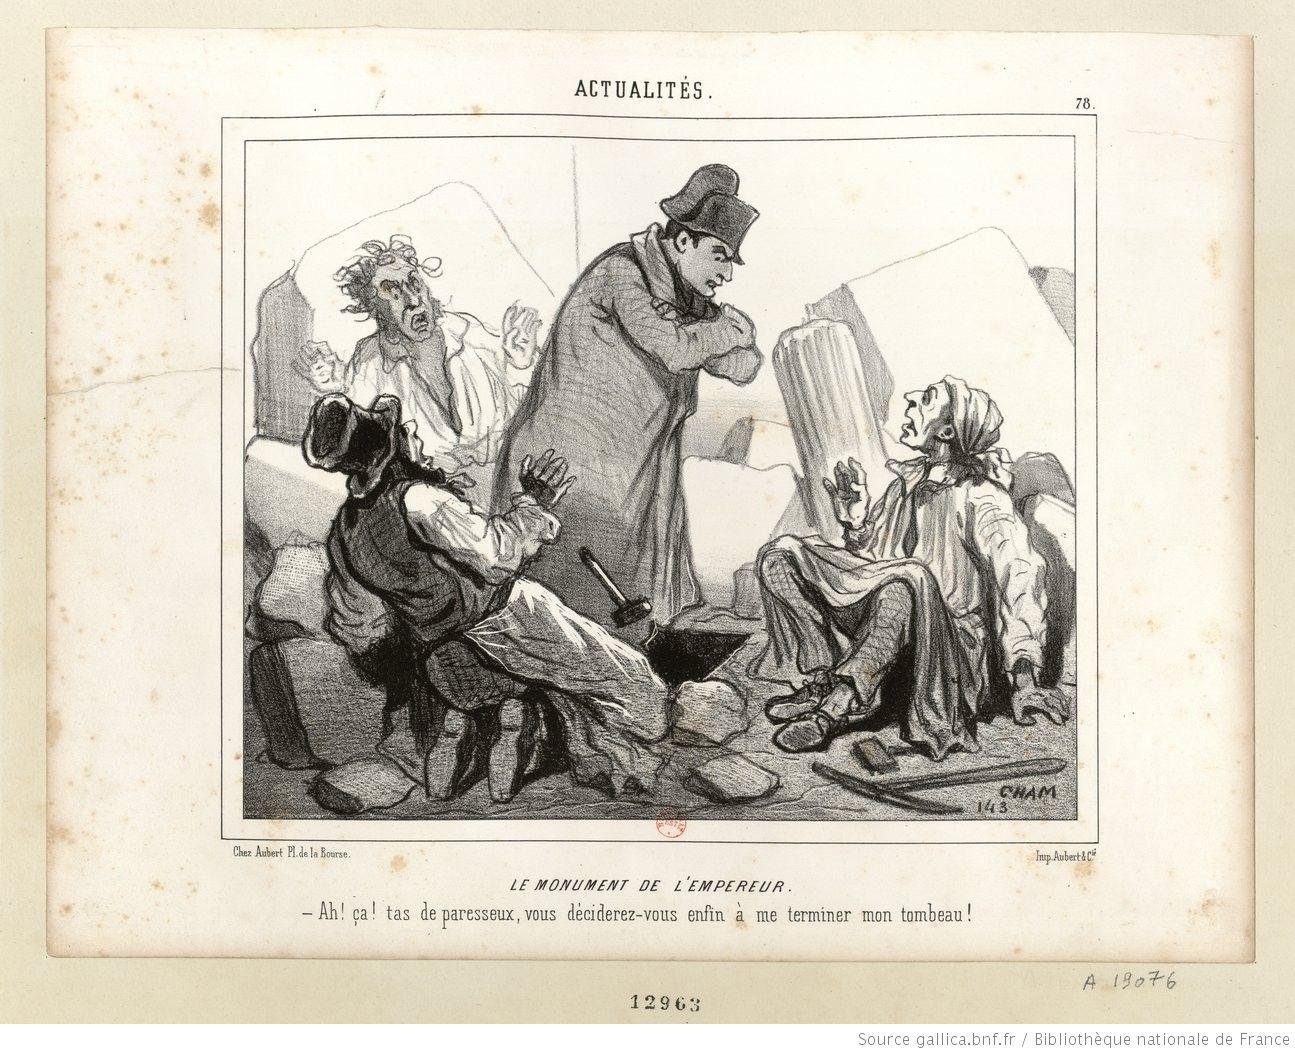 Anonimo, Napoleone sgrida gli operai che non hanno ancora finito la sua tomba (disegno satirico dell'epoca)